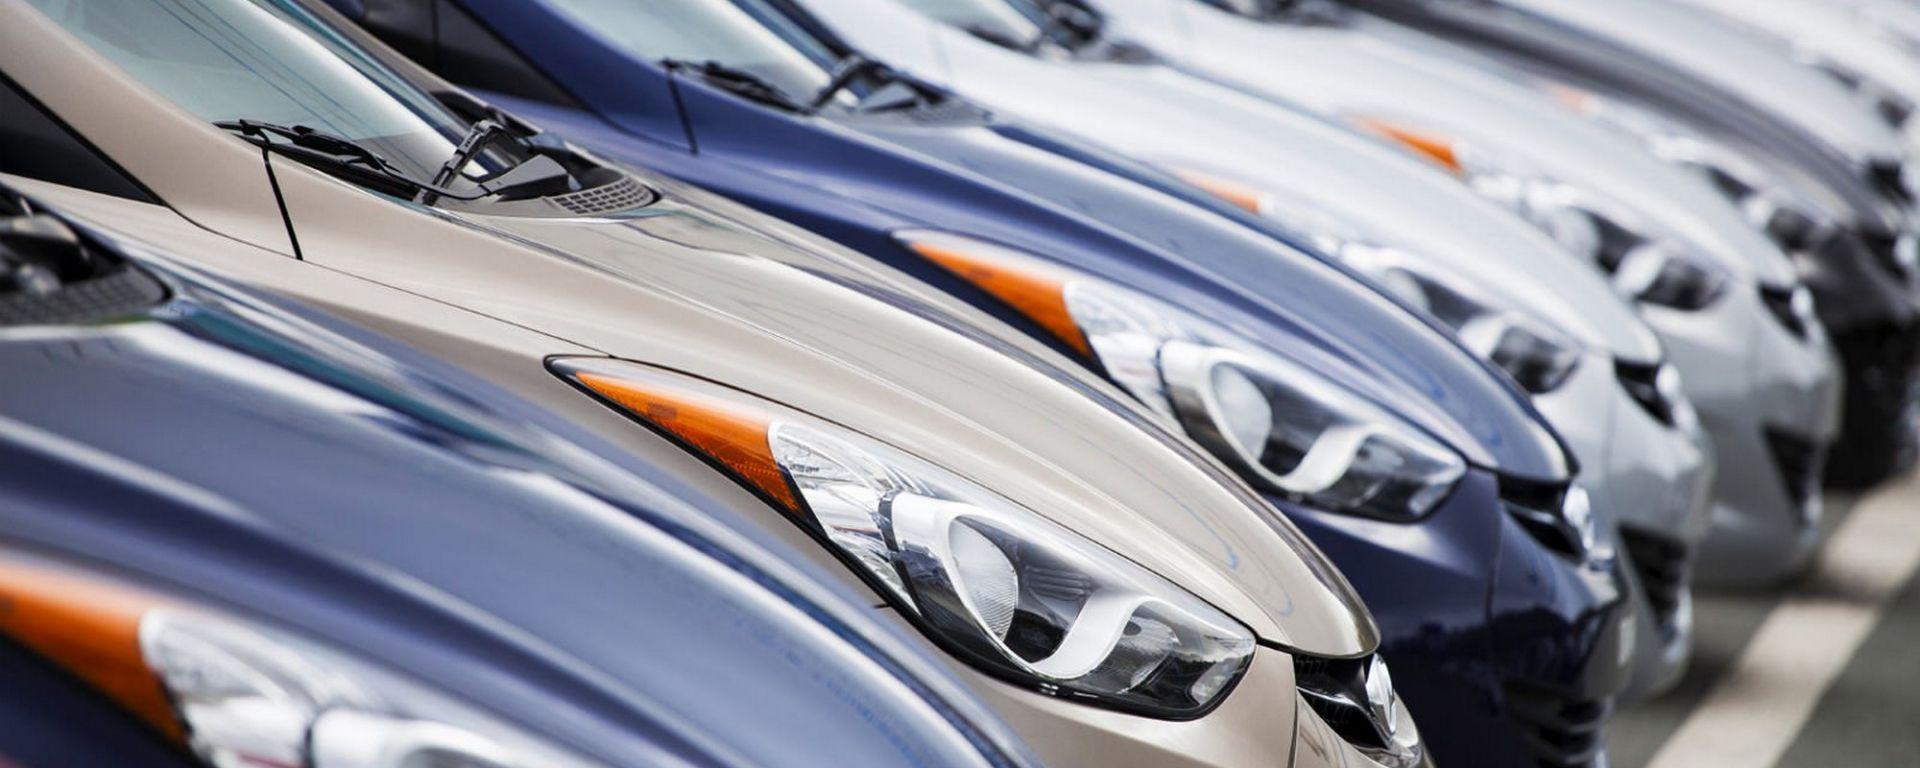 Mercato auto, a settembre è crollo verticale